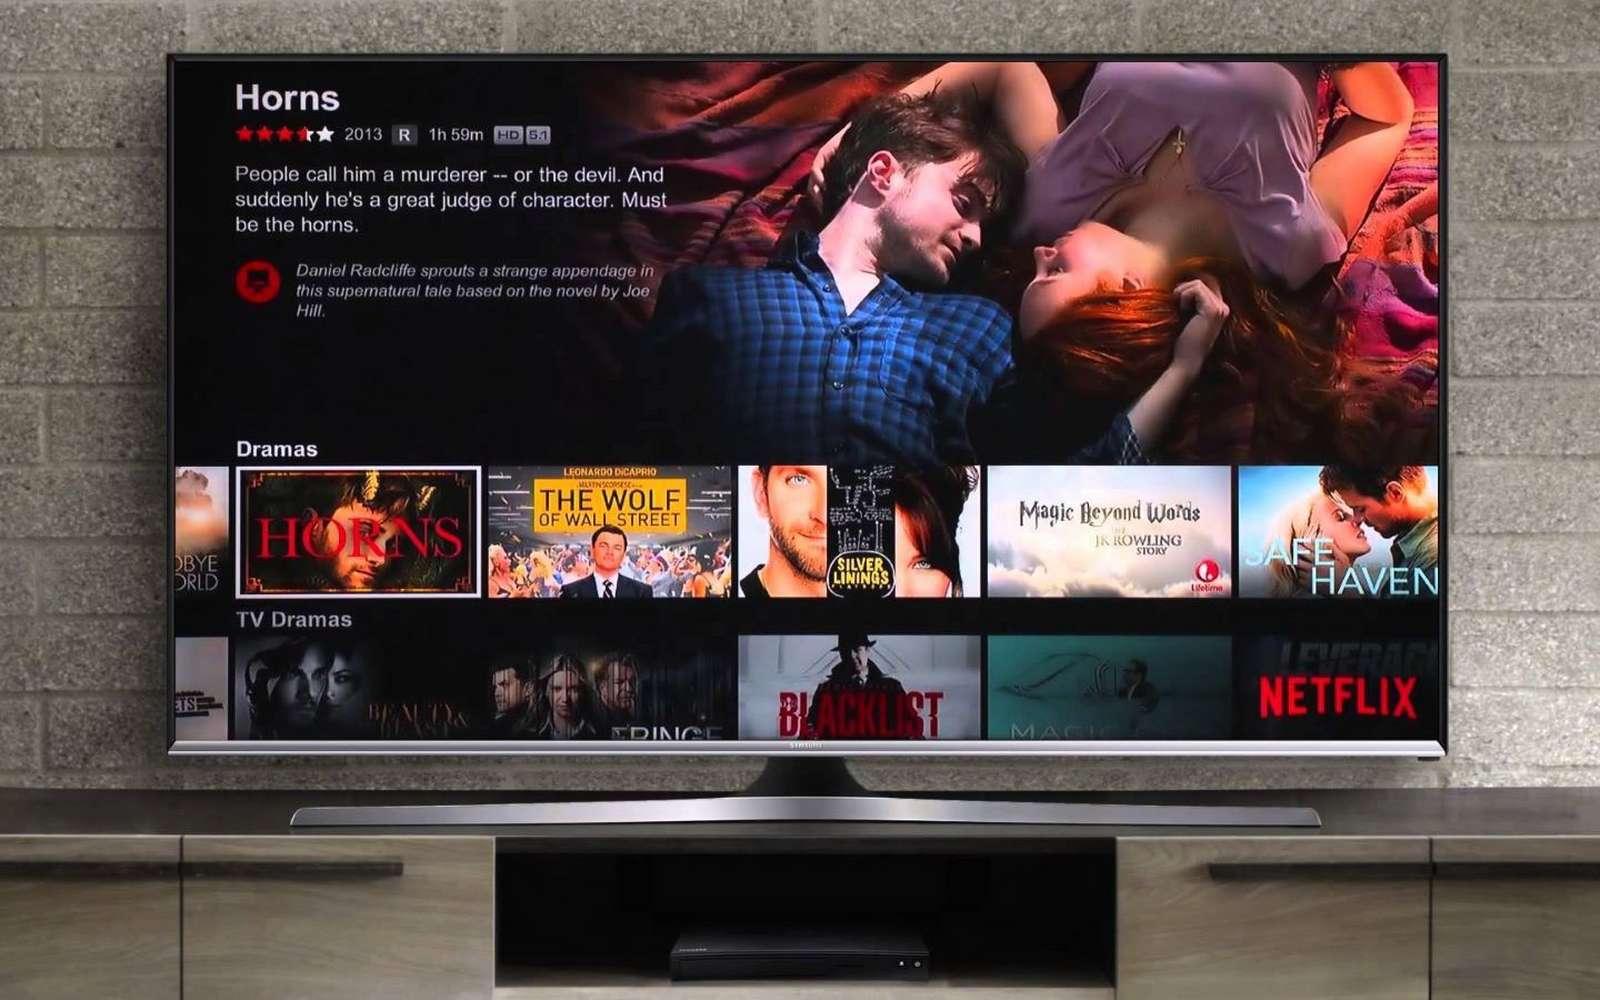 Confinés chez eux pendant plusieurs semaines, les Français vont consommer un maximum de vidéos à la demande et de jeux en ligne. © Netflix